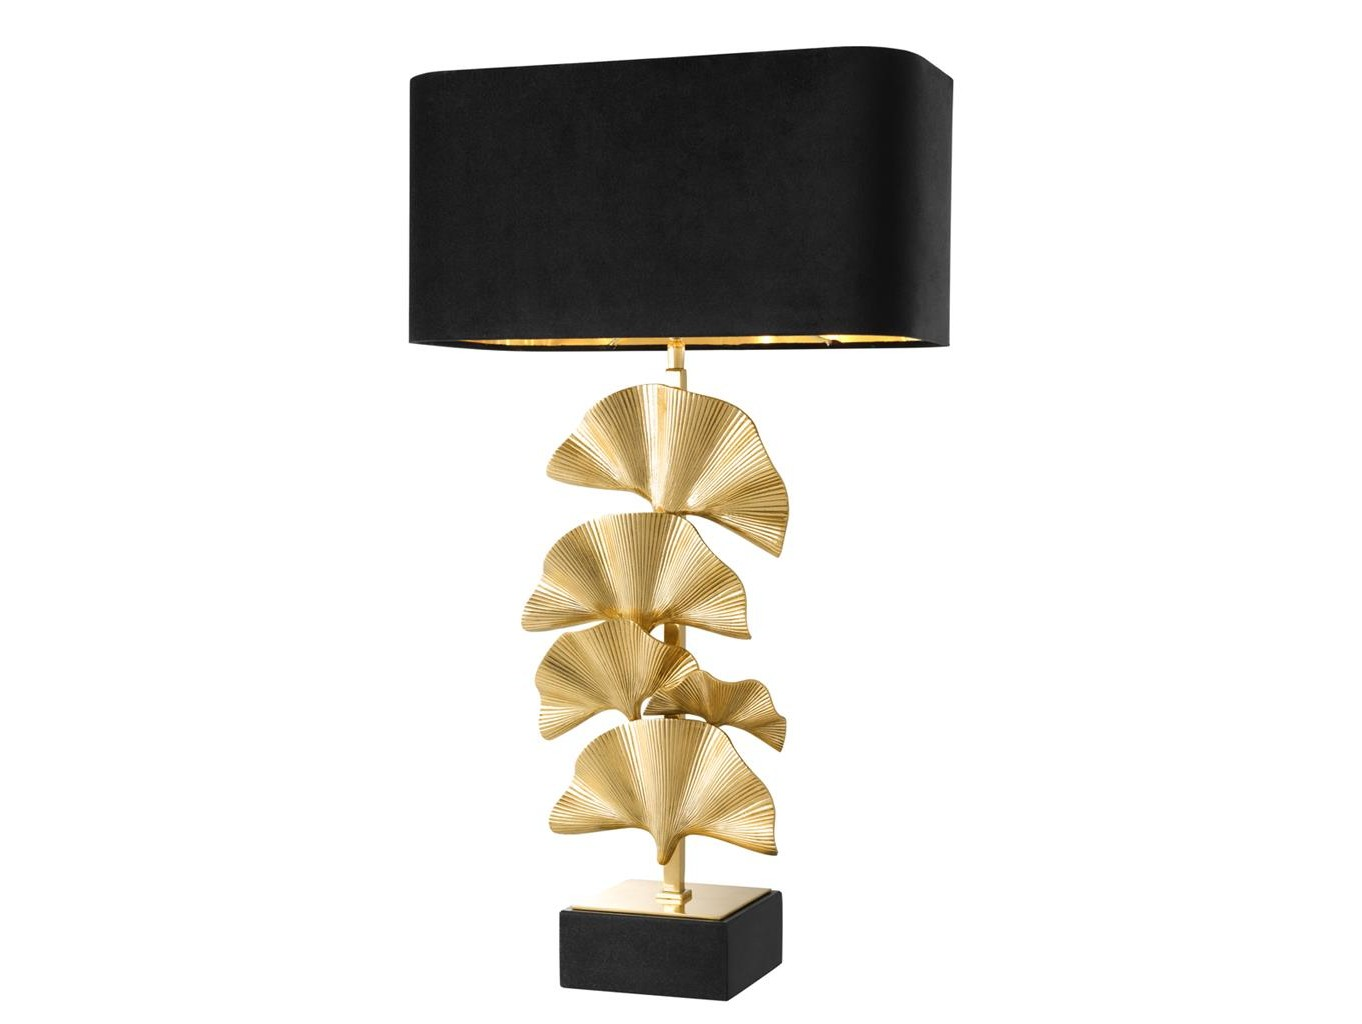 Настольная лампа OlivierДекоративные лампы<br>Настольная лампа Olivier с оригинальным дизайном основания в виде пальмовых листов, выполненных из металла цвета латуни. База из гранита черного цвета. Текстильный черный абажур скрывает лампу.&amp;lt;div&amp;gt;&amp;lt;br&amp;gt;&amp;lt;/div&amp;gt;&amp;lt;div&amp;gt;&amp;lt;div&amp;gt;Вид цоколя: E27&amp;lt;/div&amp;gt;&amp;lt;div&amp;gt;Мощность:&amp;amp;nbsp; 60W&amp;lt;/div&amp;gt;&amp;lt;div&amp;gt;Количество ламп: 1 (нет в комплекте)&amp;lt;/div&amp;gt;&amp;lt;/div&amp;gt;<br><br>Material: Текстиль<br>Ширина см: 45.0<br>Высота см: 78.0<br>Глубина см: 23.0